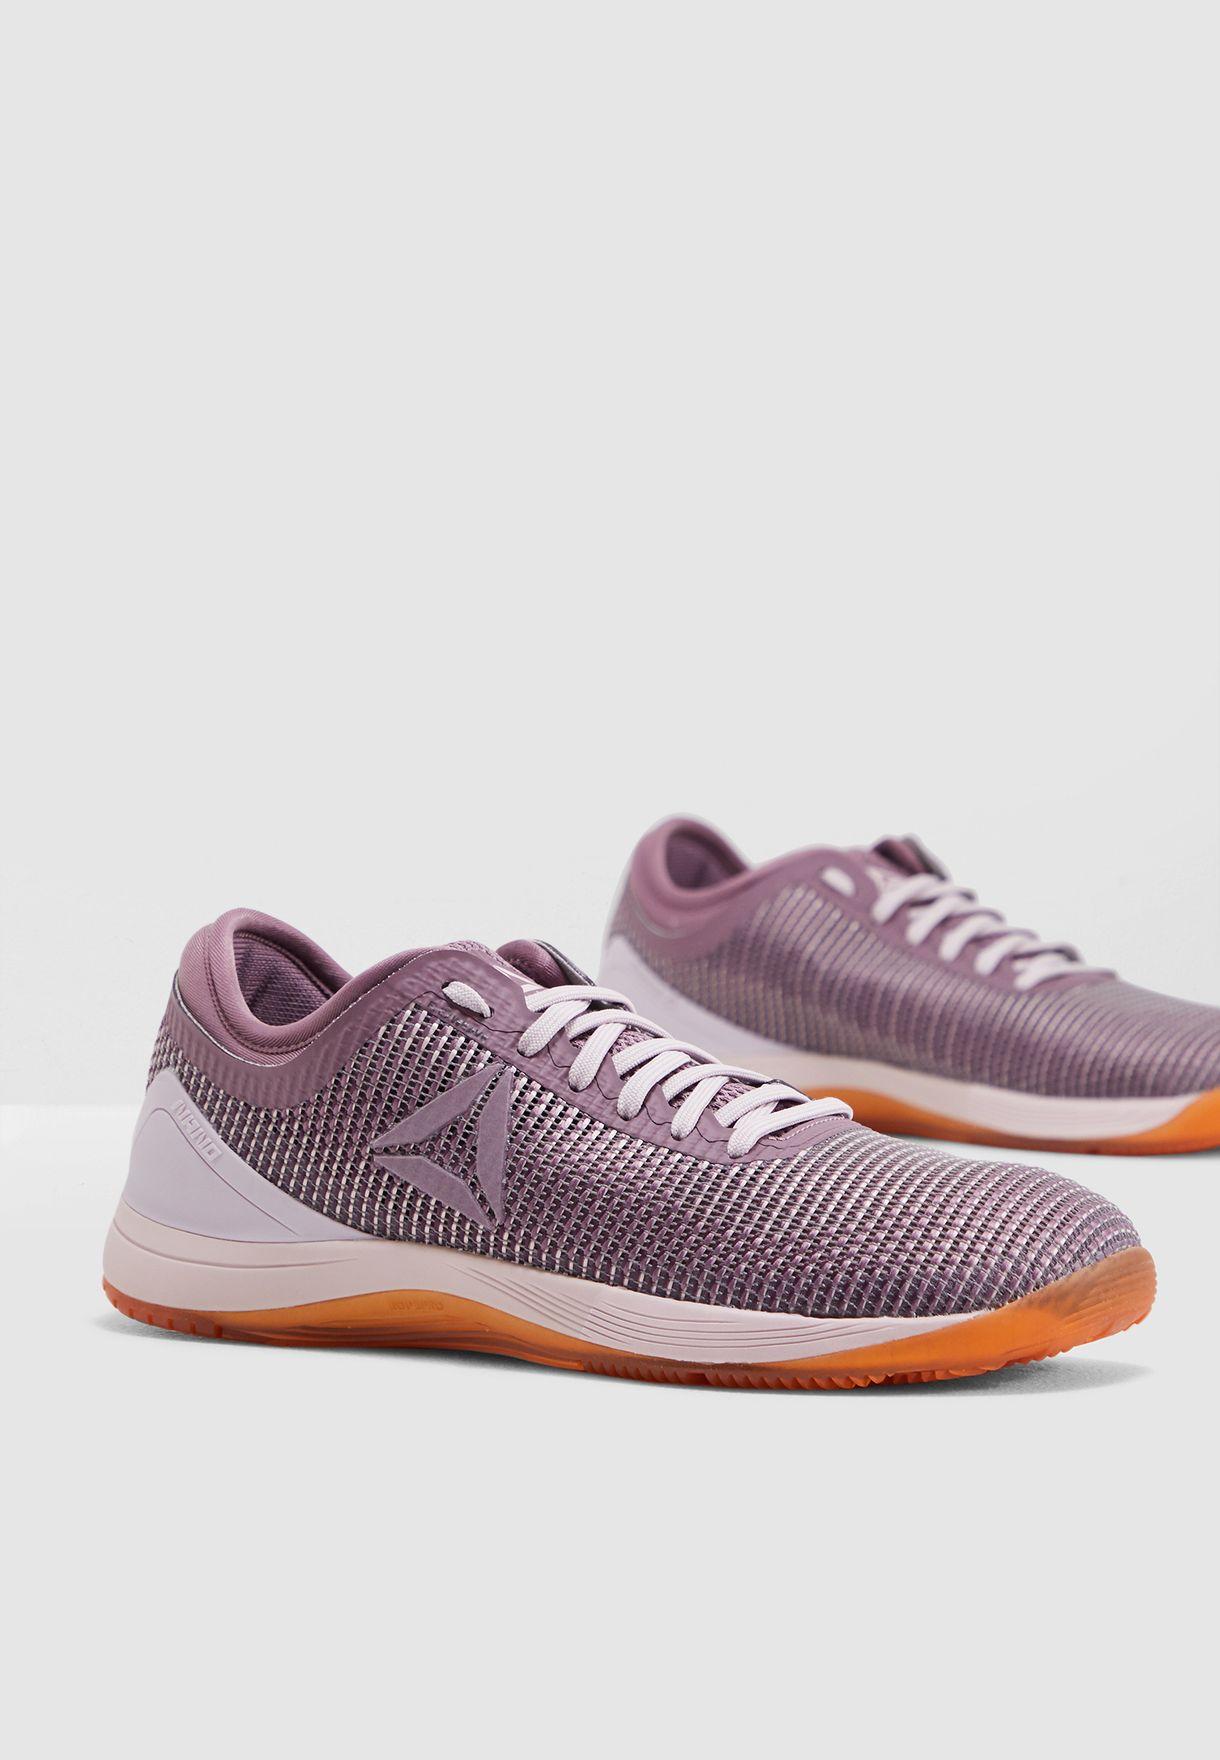 0408ee6b359 Shop Reebok purple Crossfit Nano 8.0 DV5334 for Women in Qatar -  19000SH80CKP